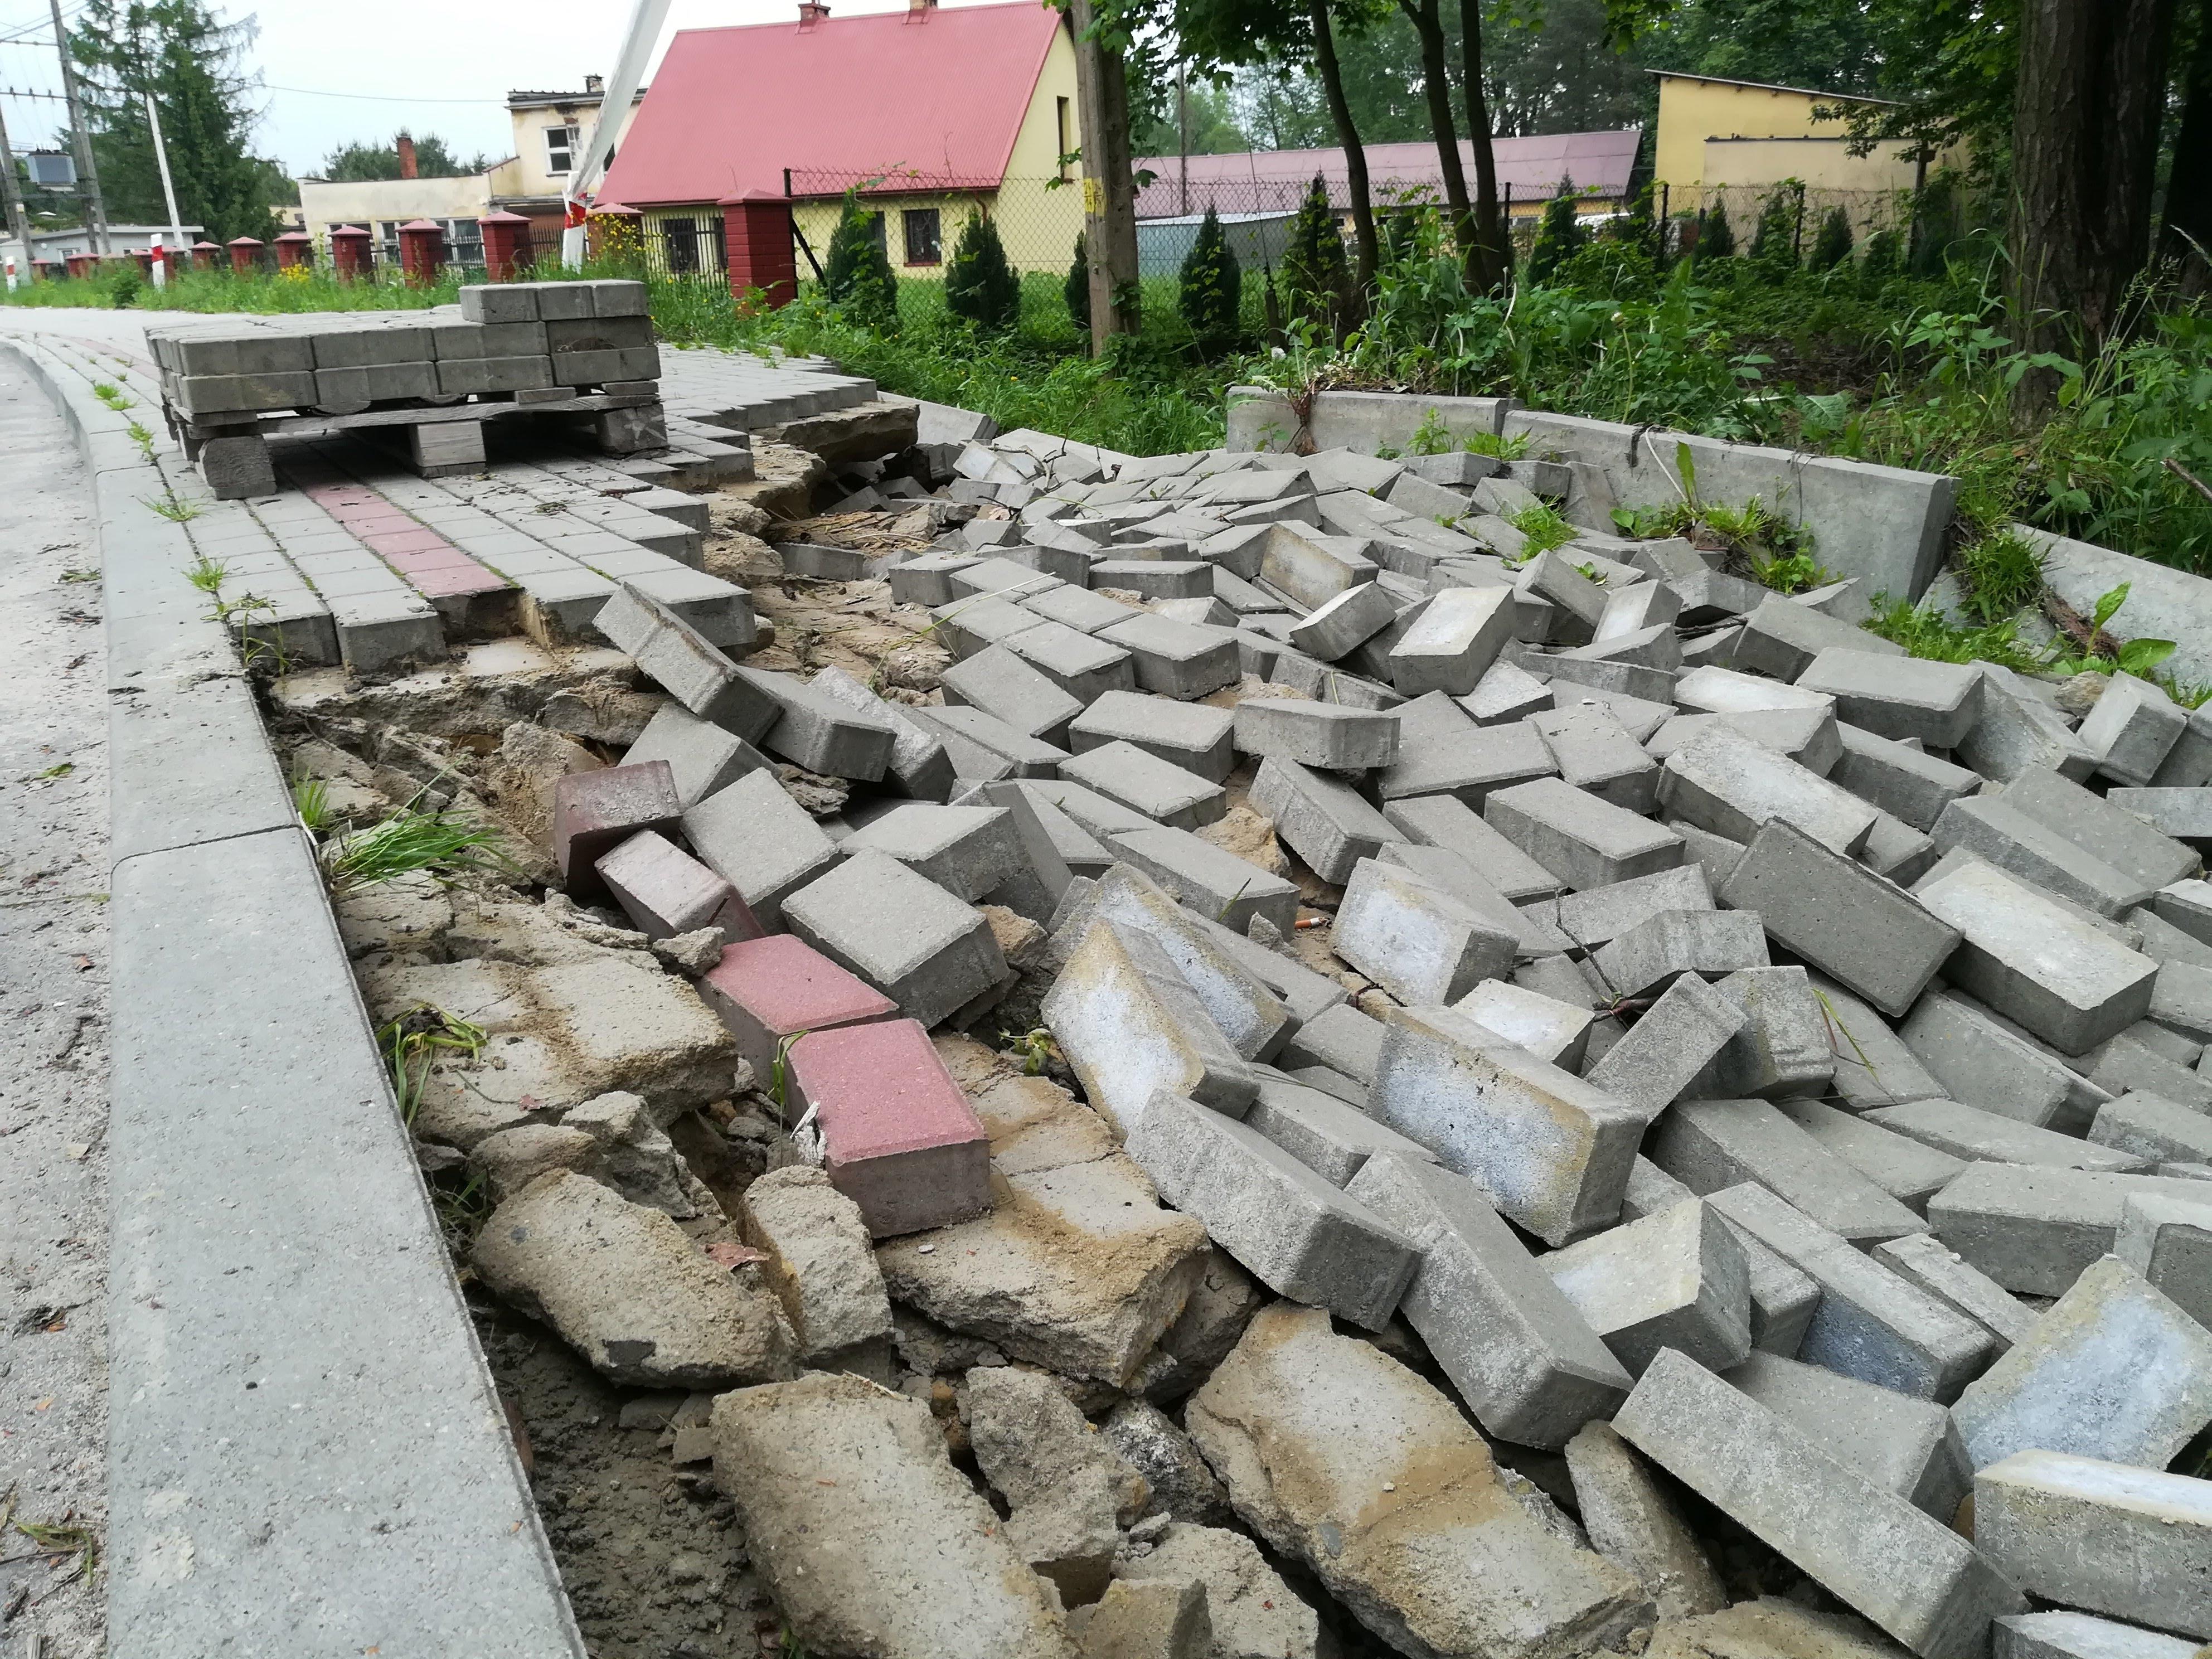 Uszkodzony chodnik przy ul. Wolskiej w Kolbuszowej |ZDJĘCIA| - Zdjęcie główne